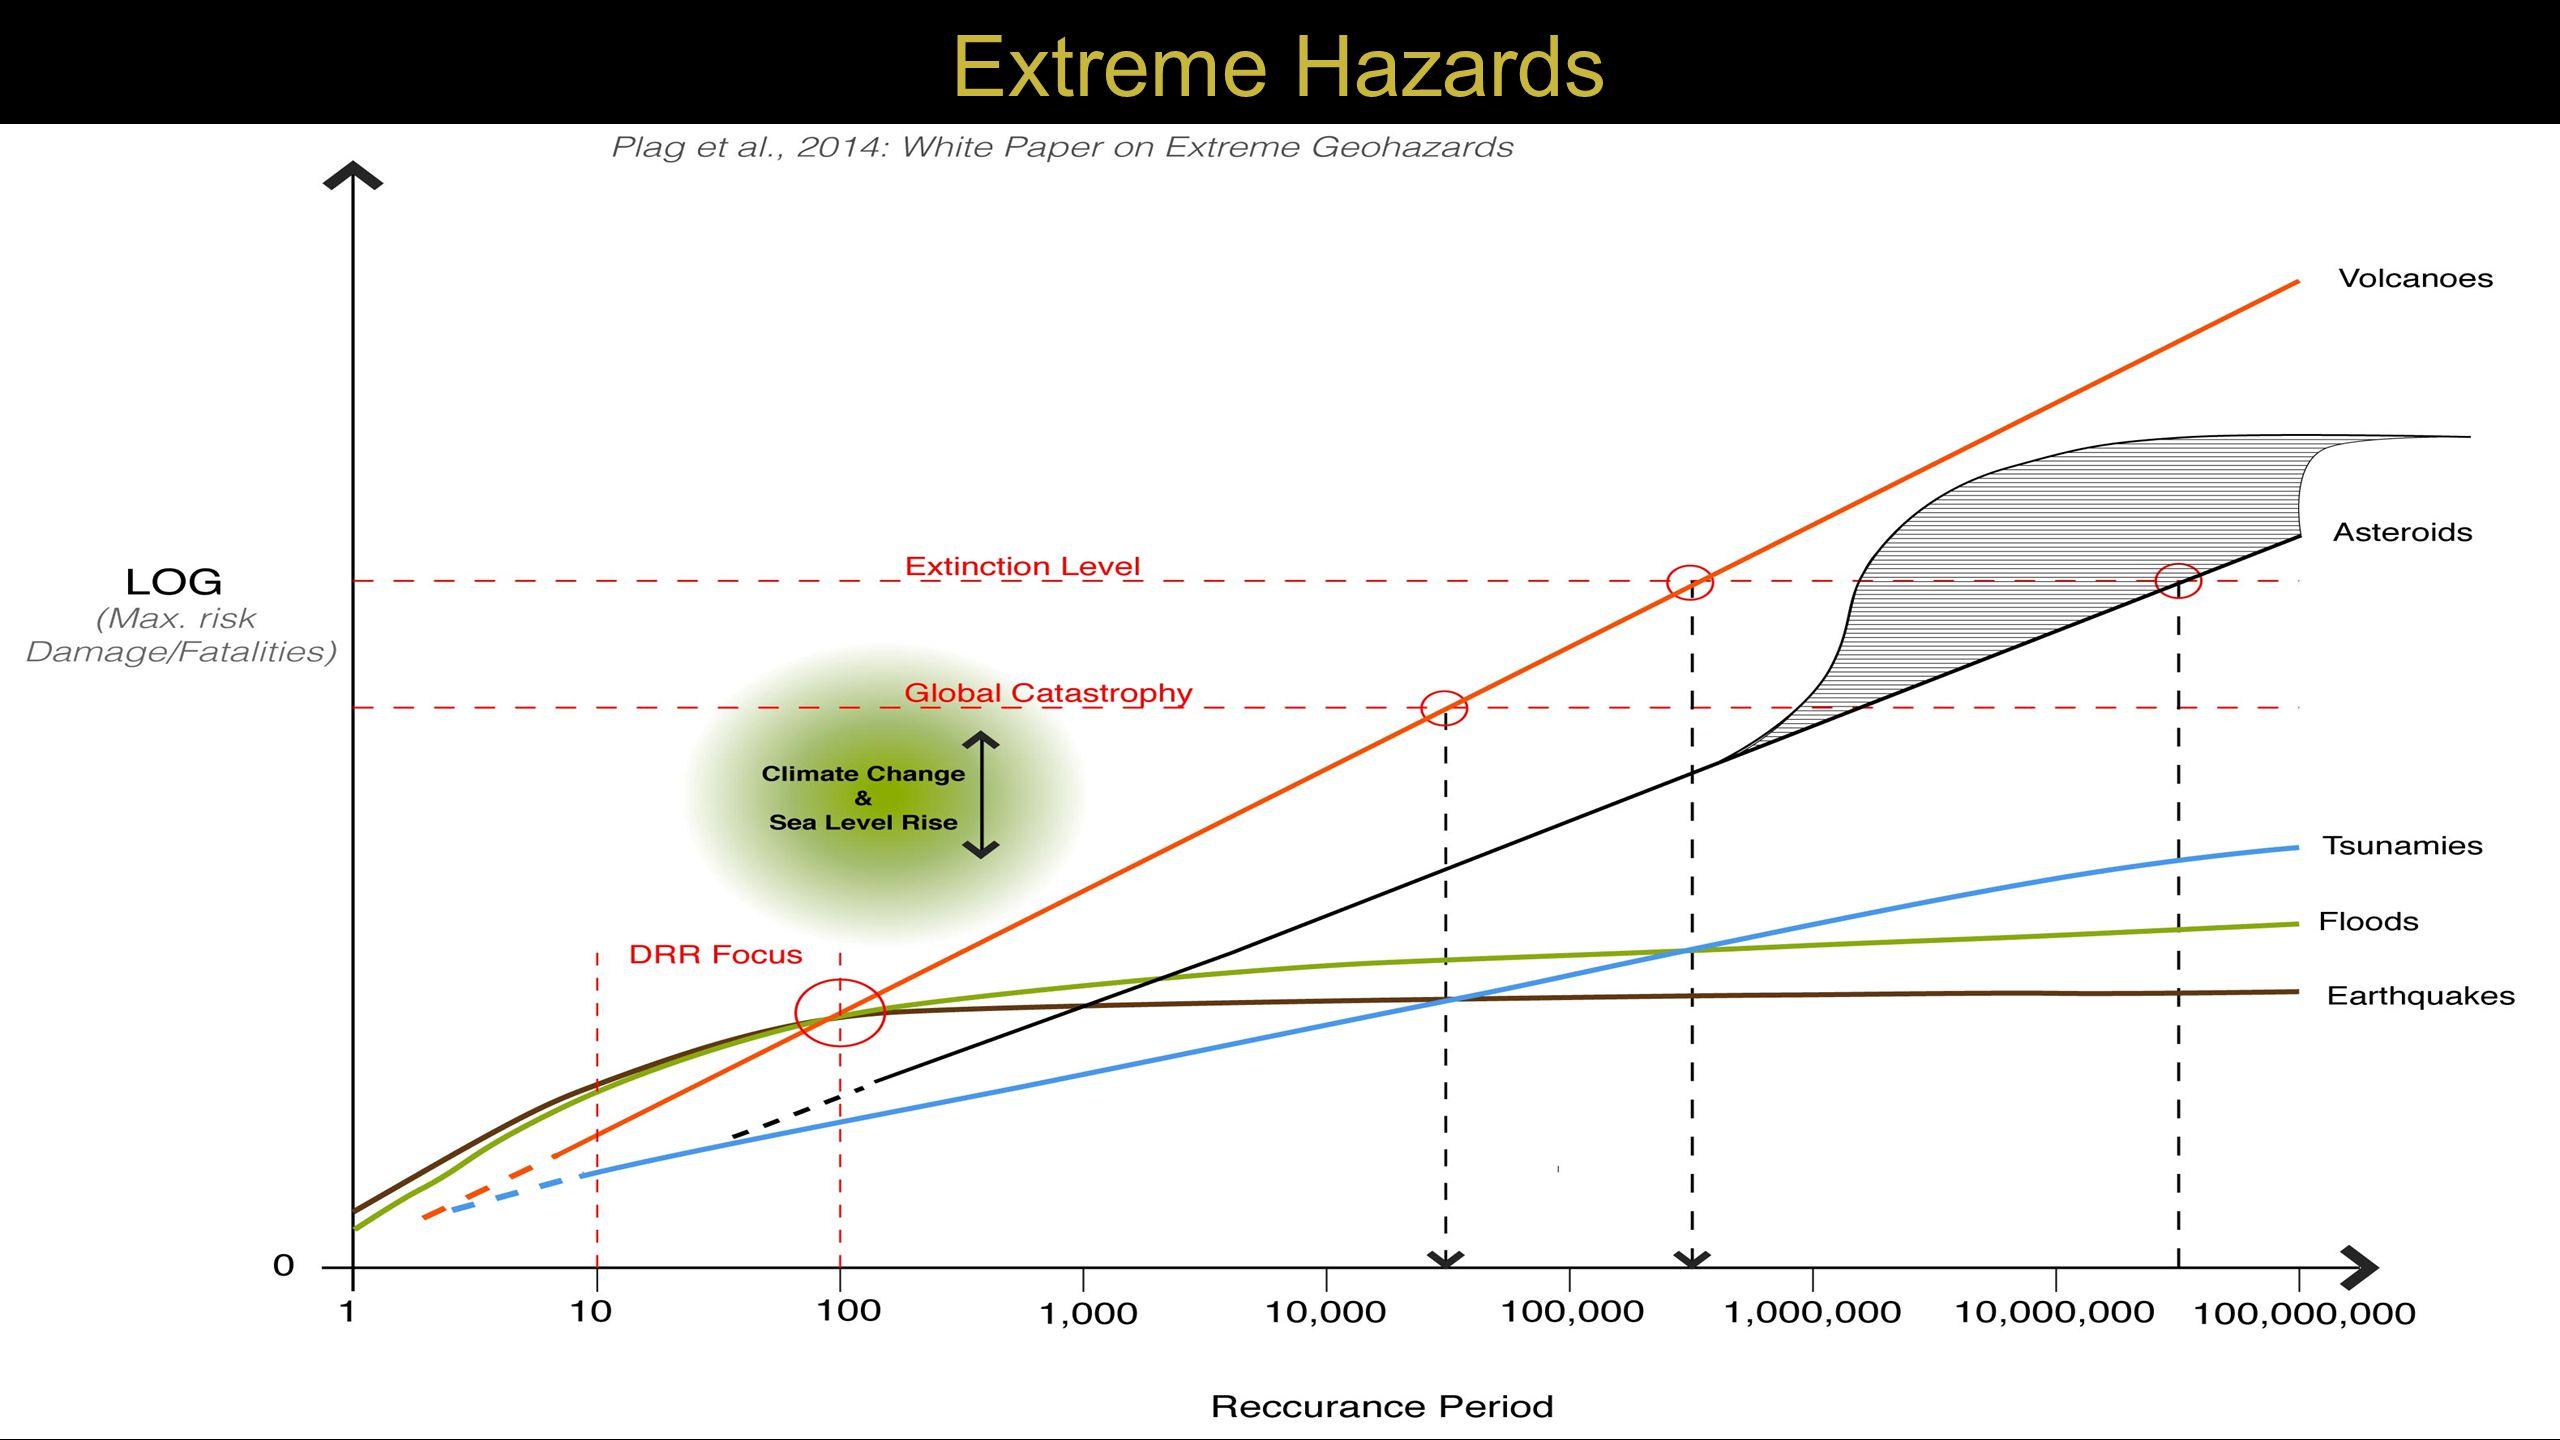 Extreme Hazards